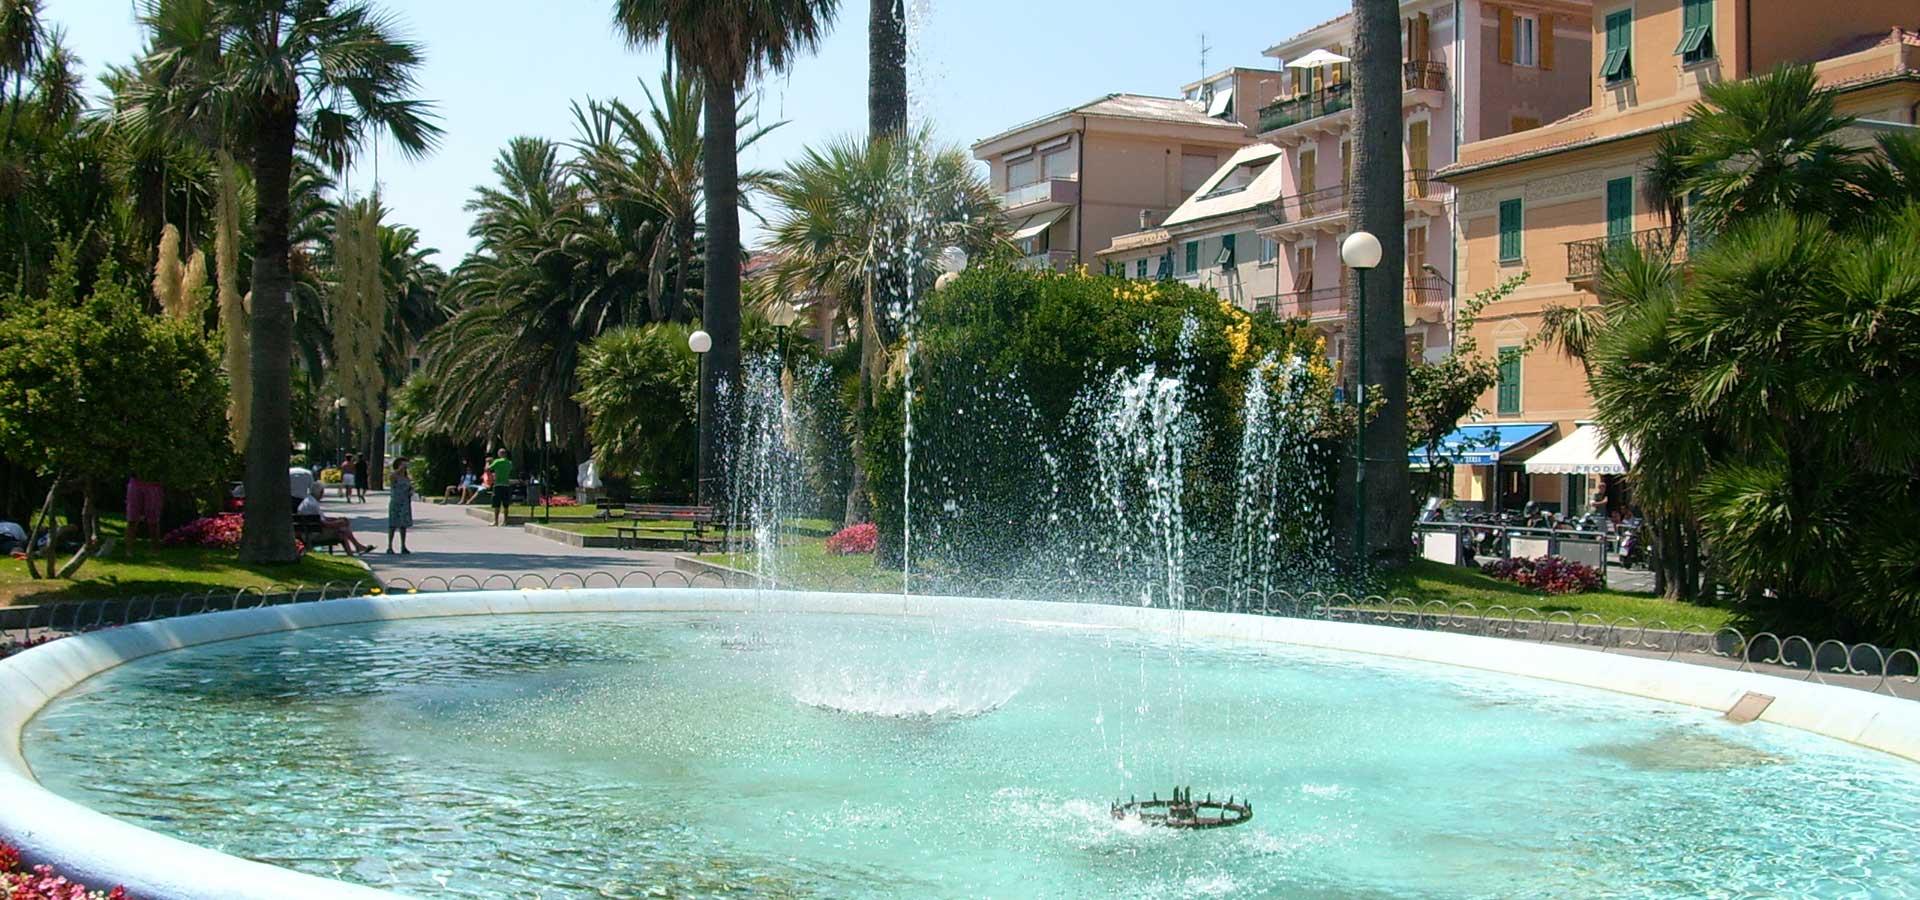 Hotel Varazze Pensione Completa Per Bambini